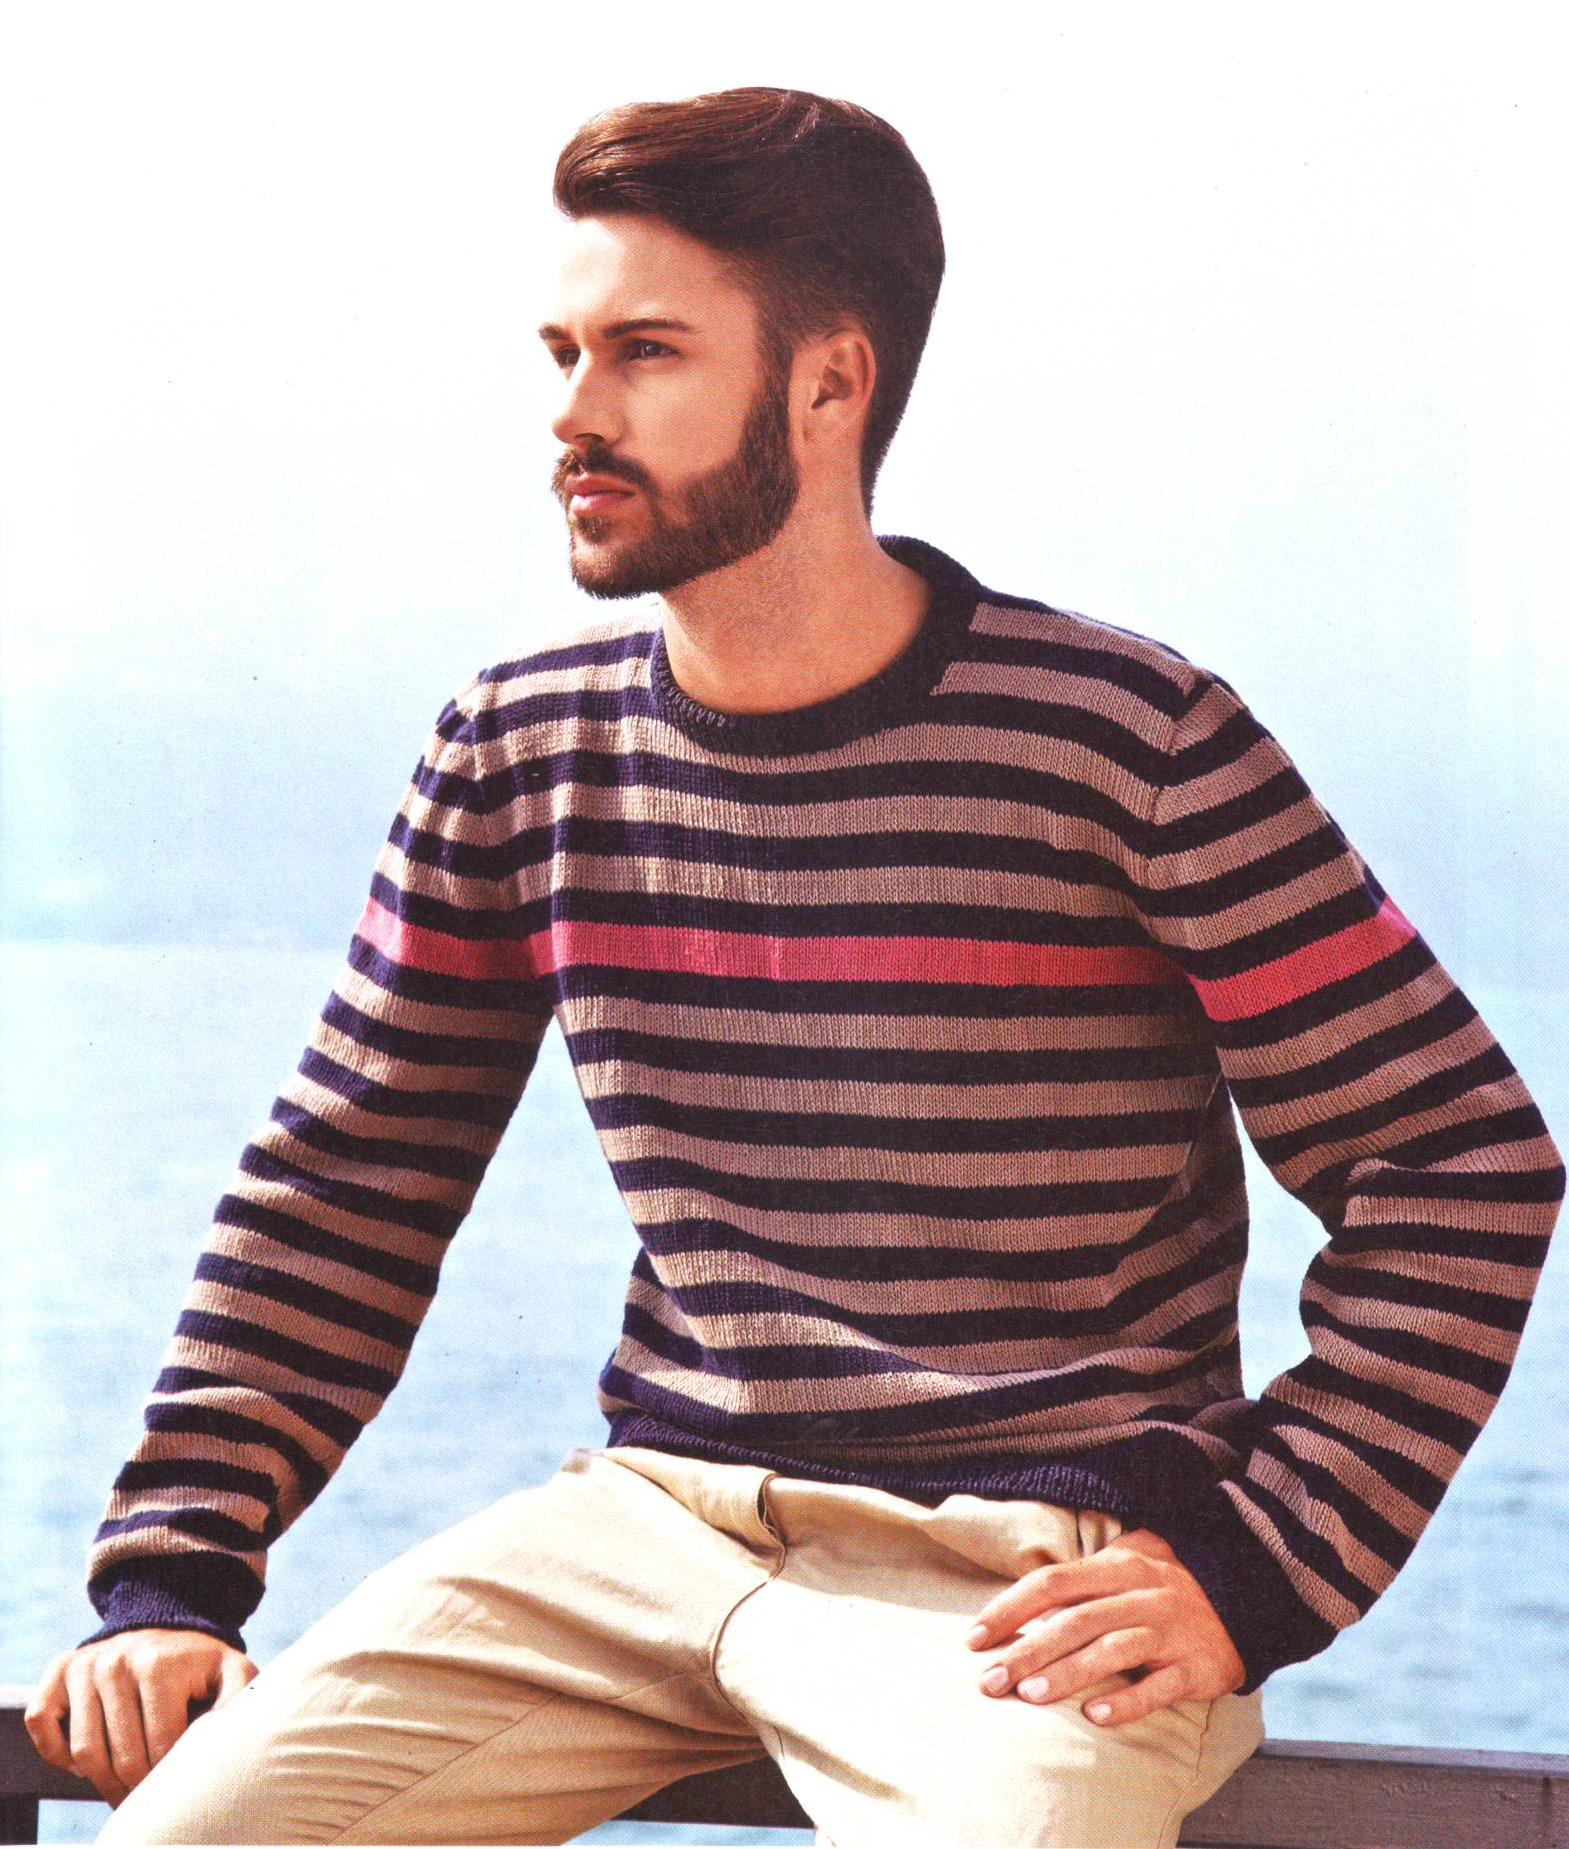 Мужской пуловер в полоску вязаный спицами.